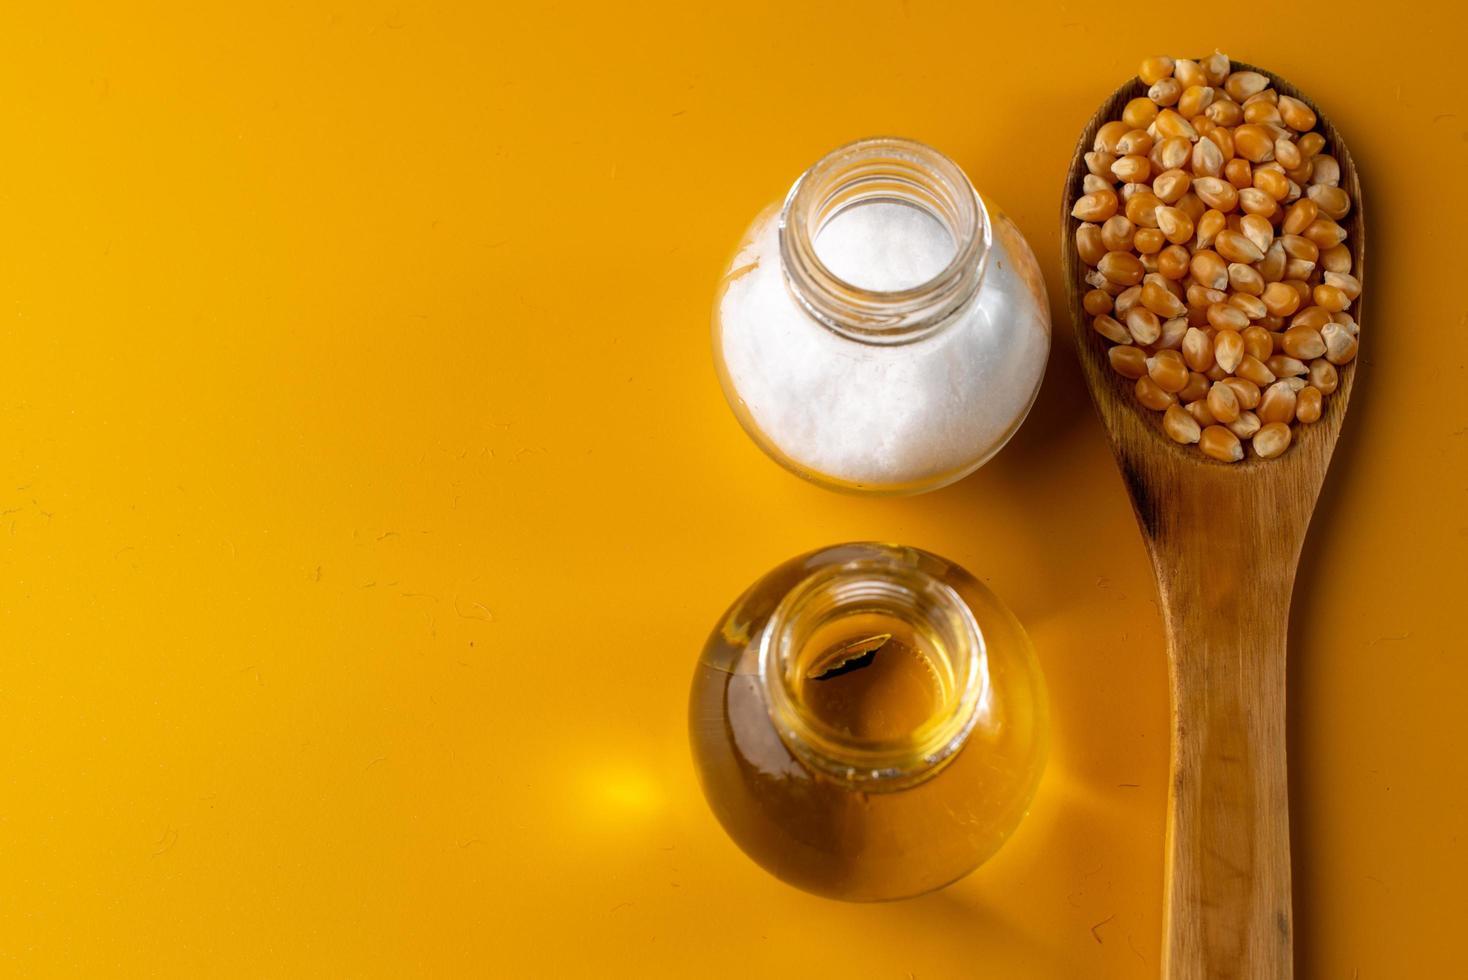 cucchiaio di gherigli su sfondo giallo foto